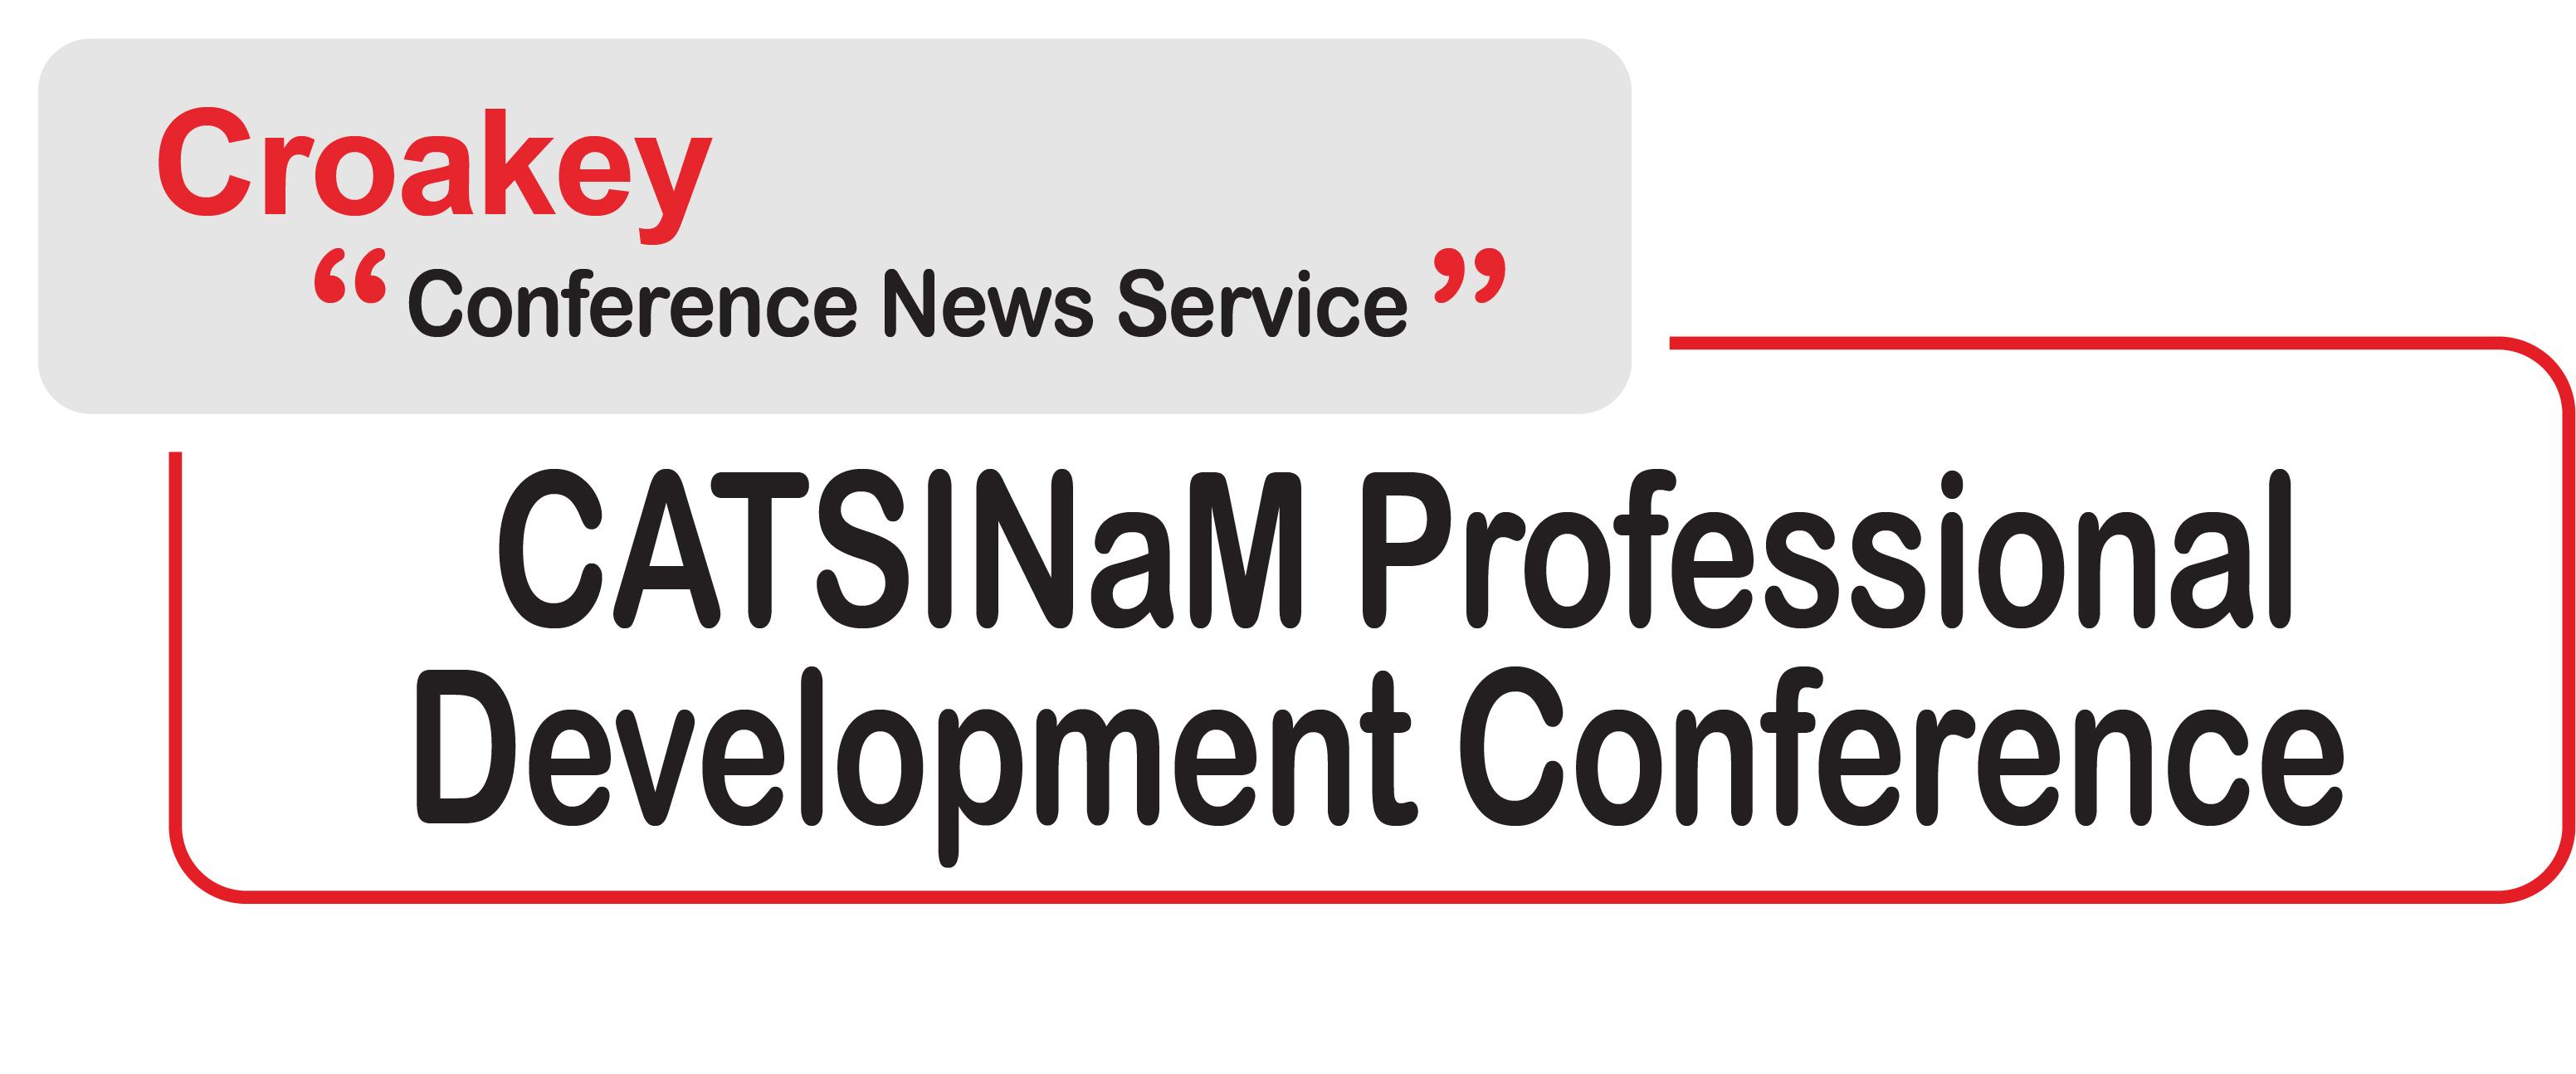 CCNS_CATSINaM_Conf_logo